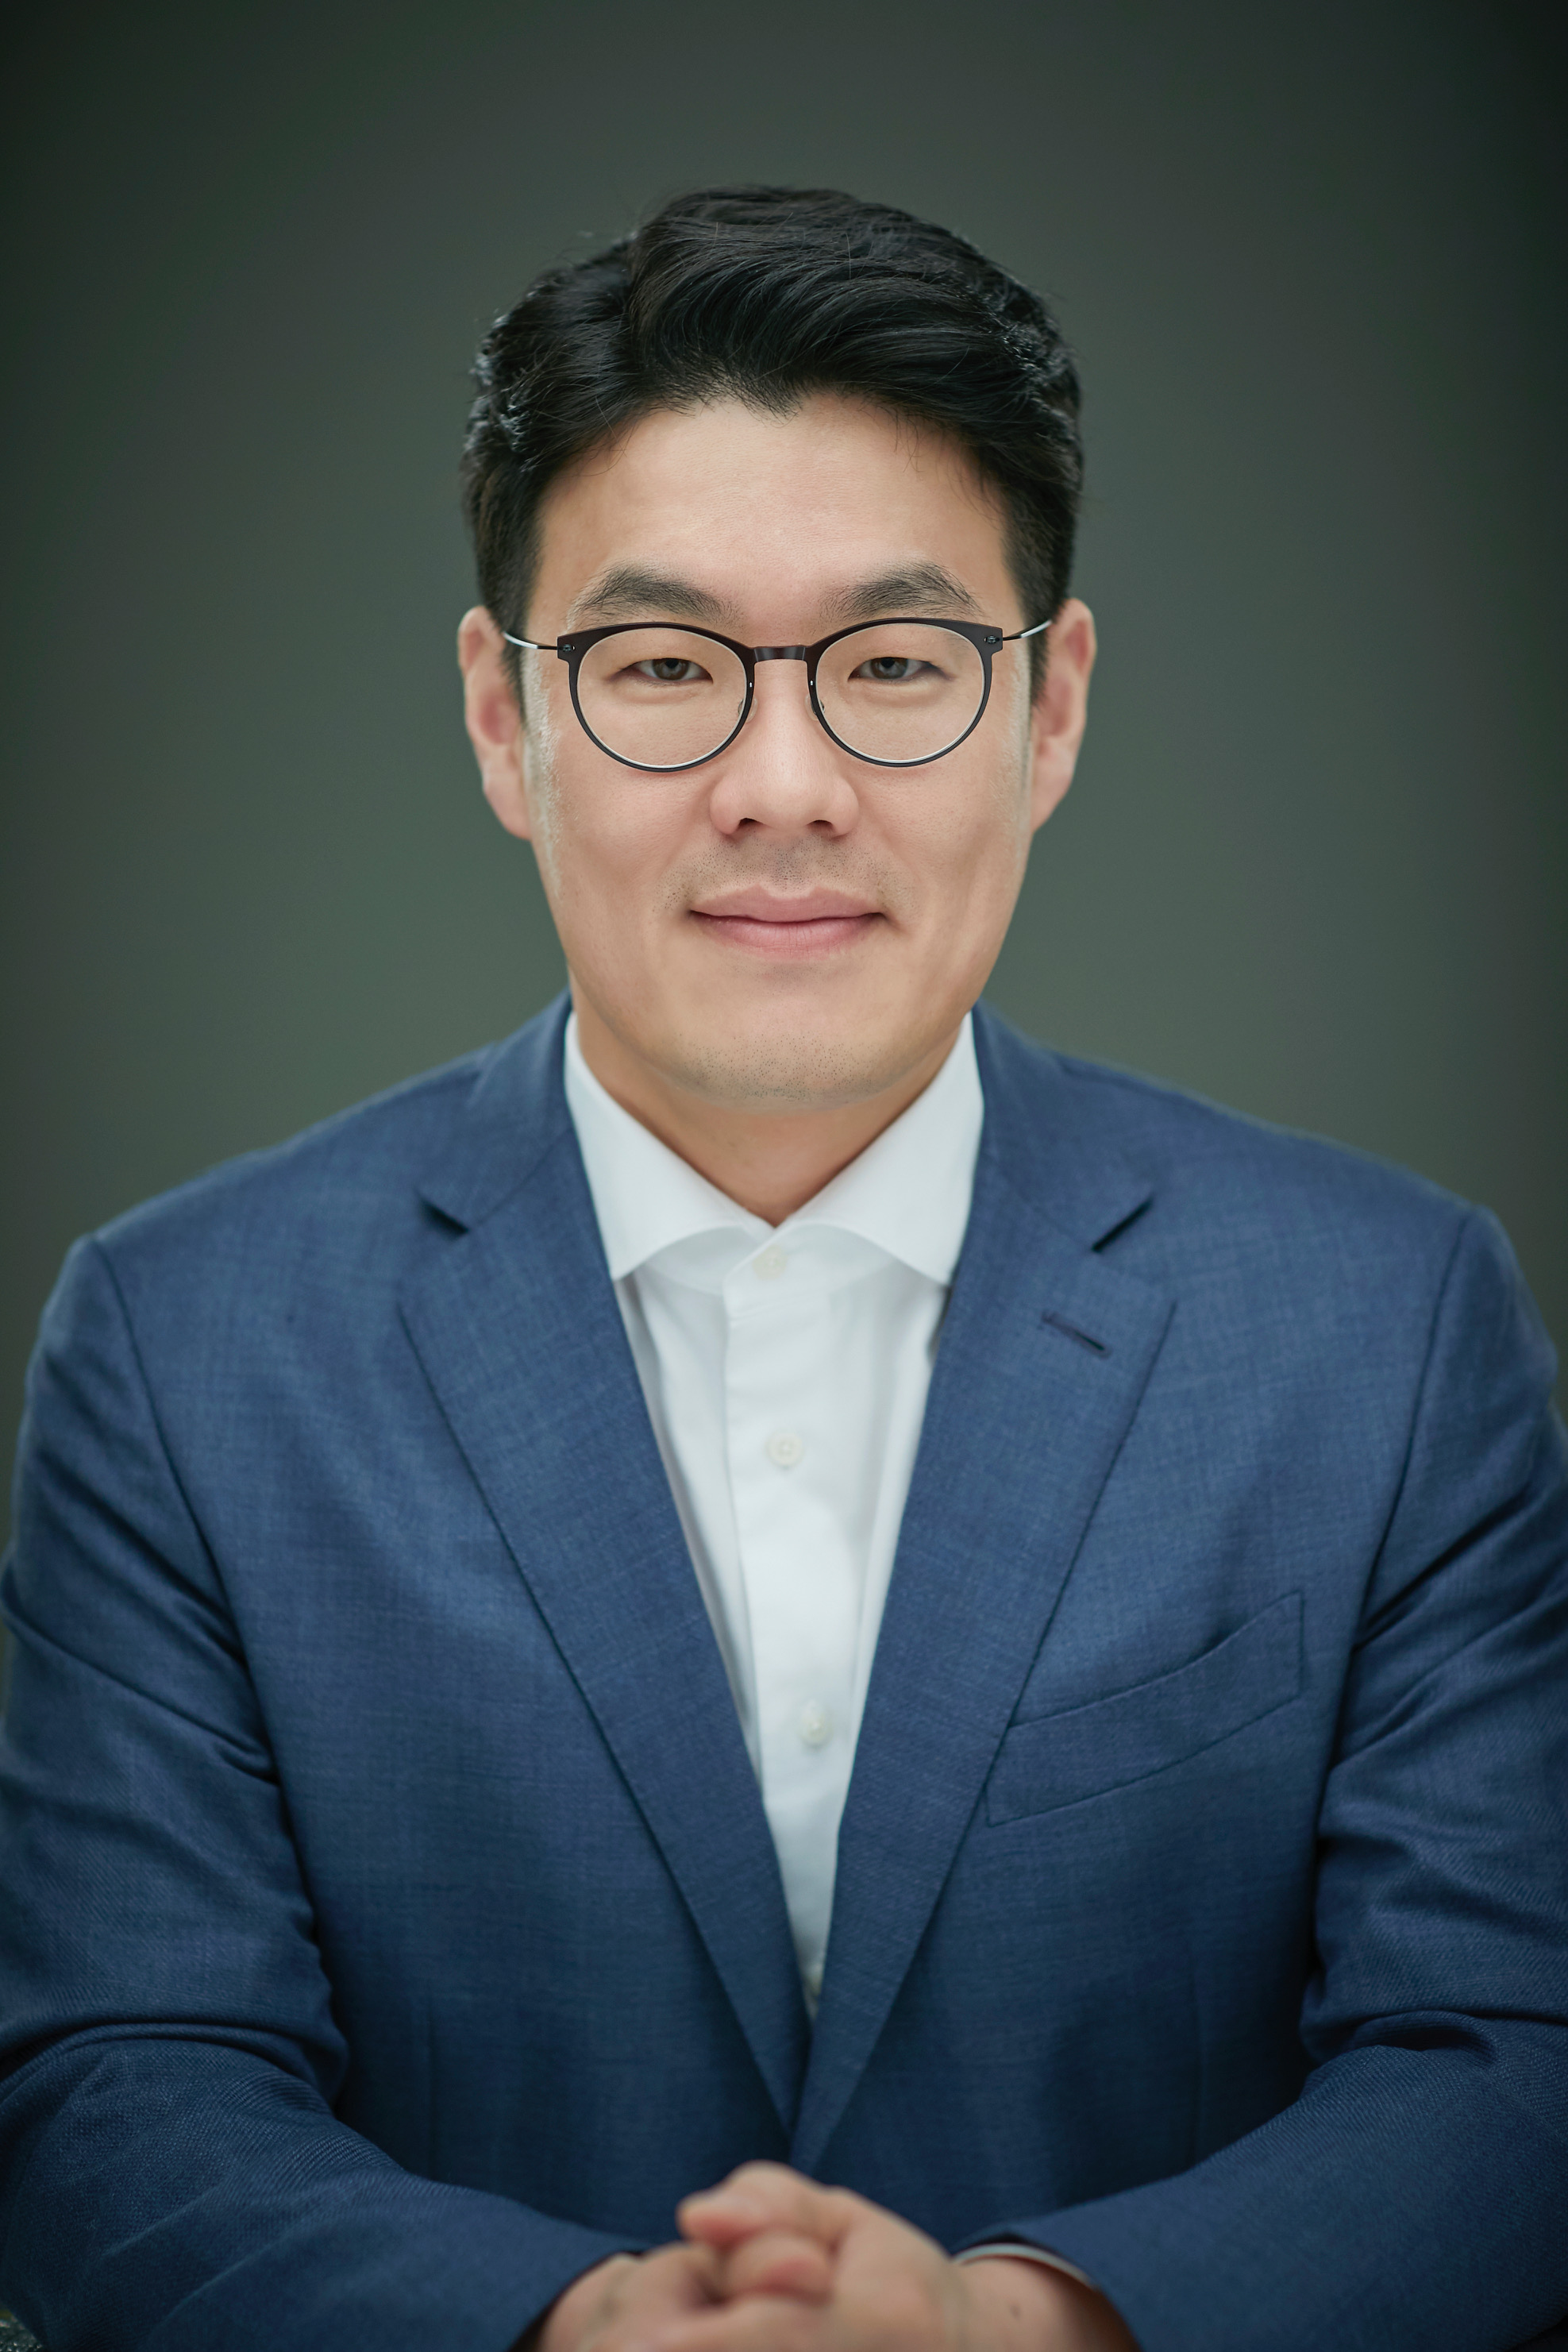 류영수 프로필.JPG